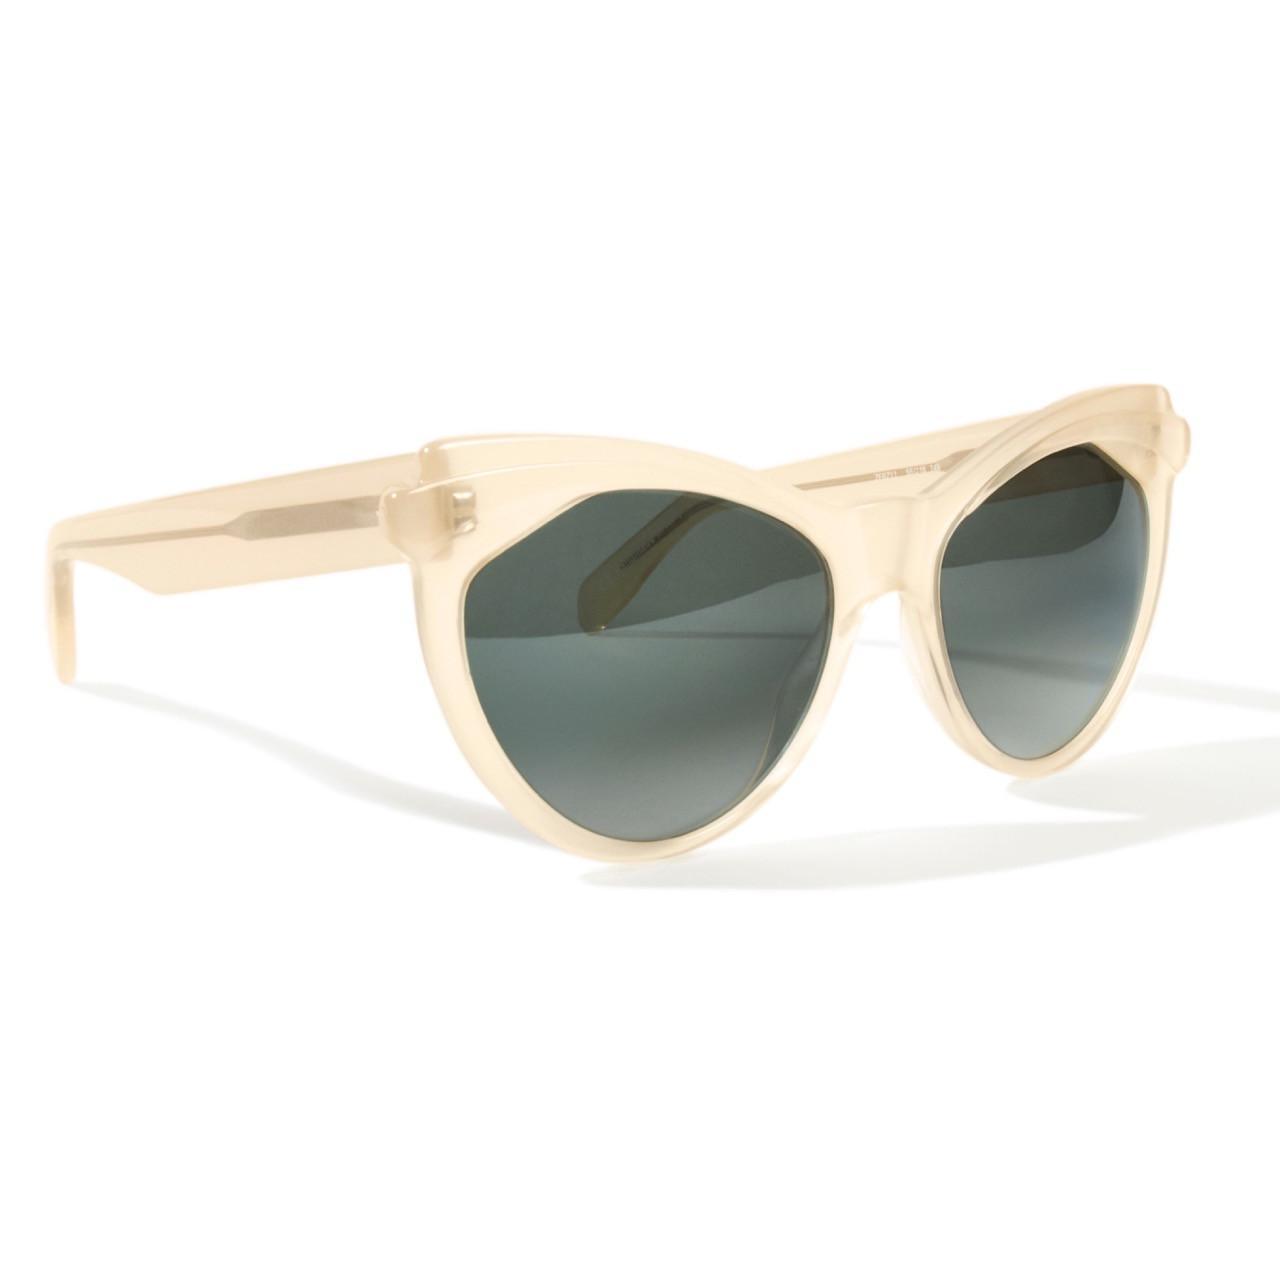 26e4563a9b1 Zanzan Sand Erzulie Sunglasses in Natural